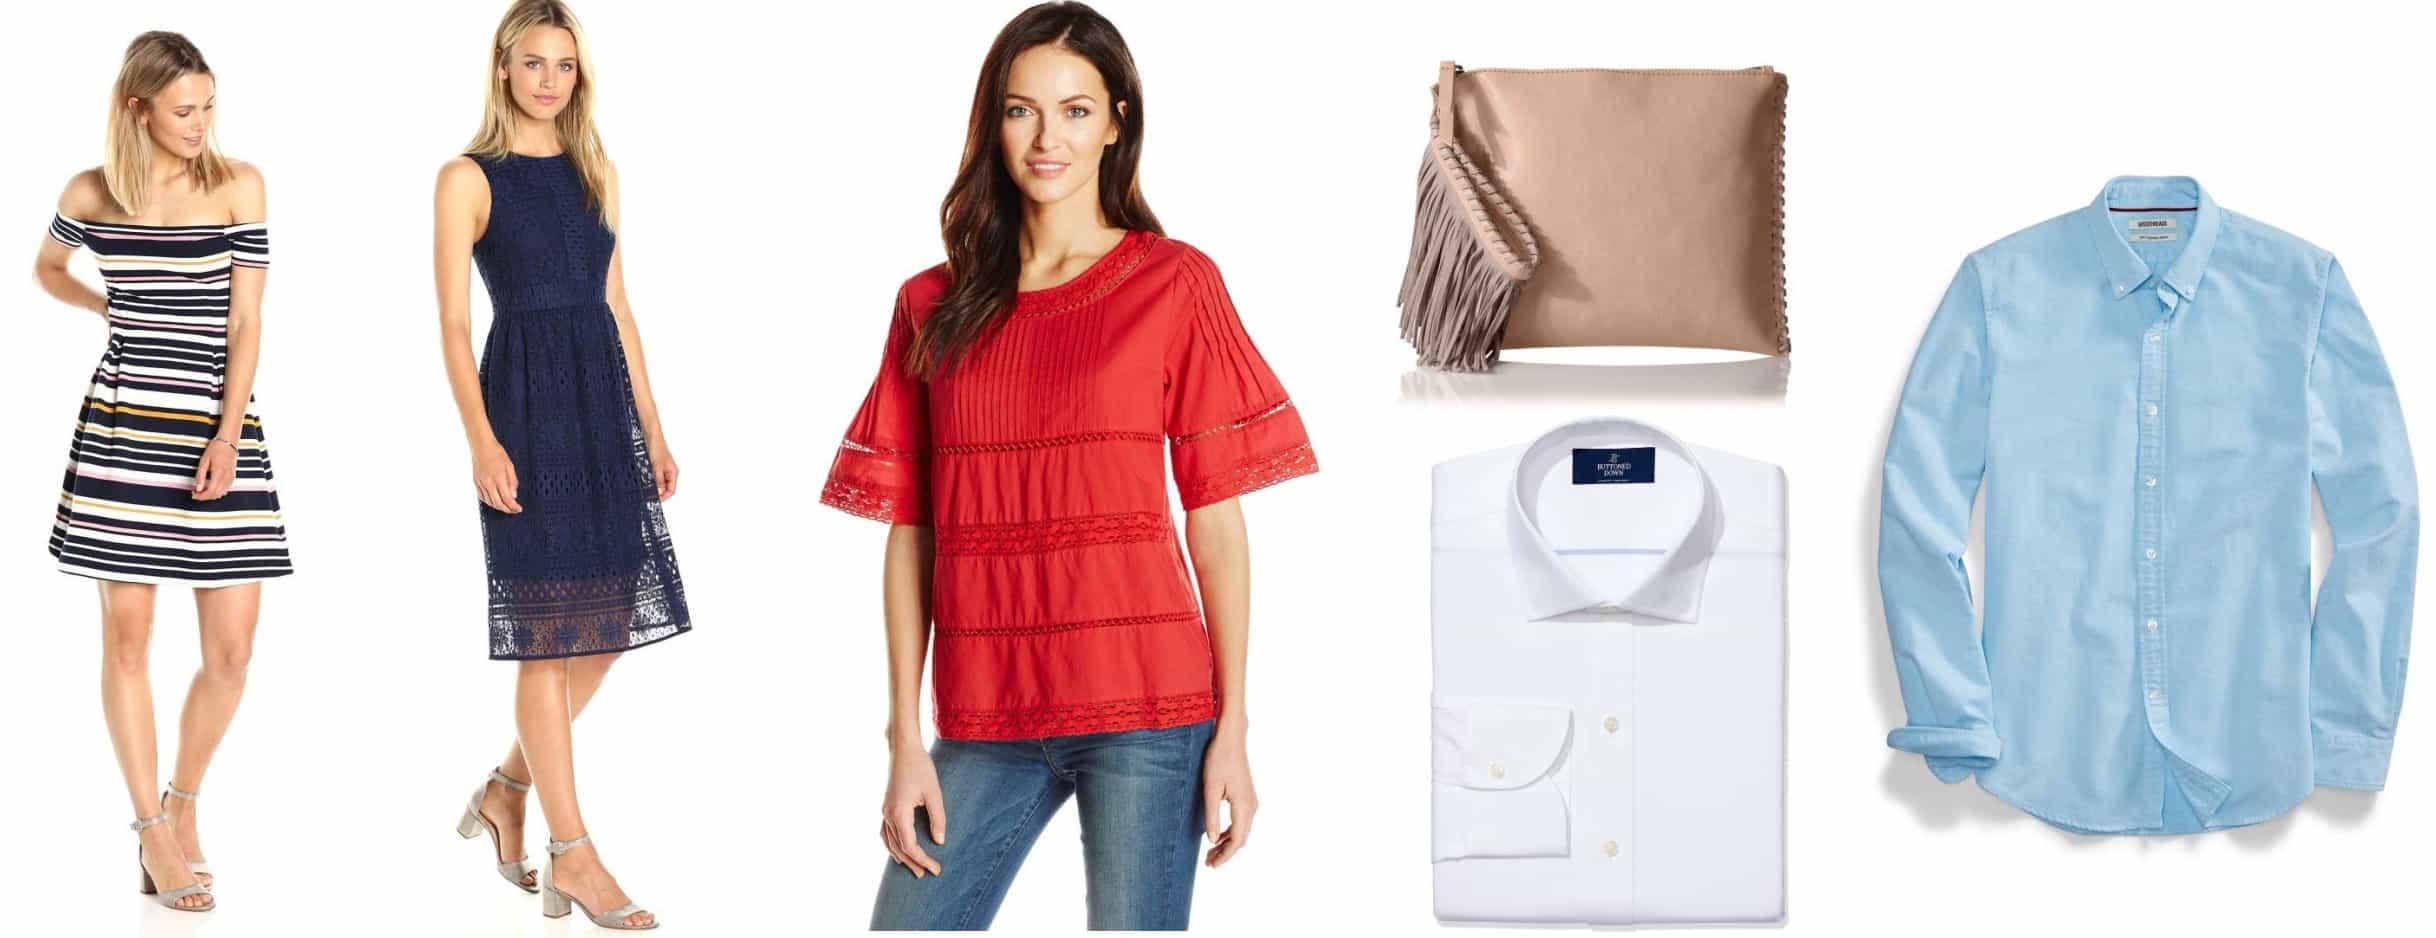 Write about Amazon Fashion on Amazon Prime Day